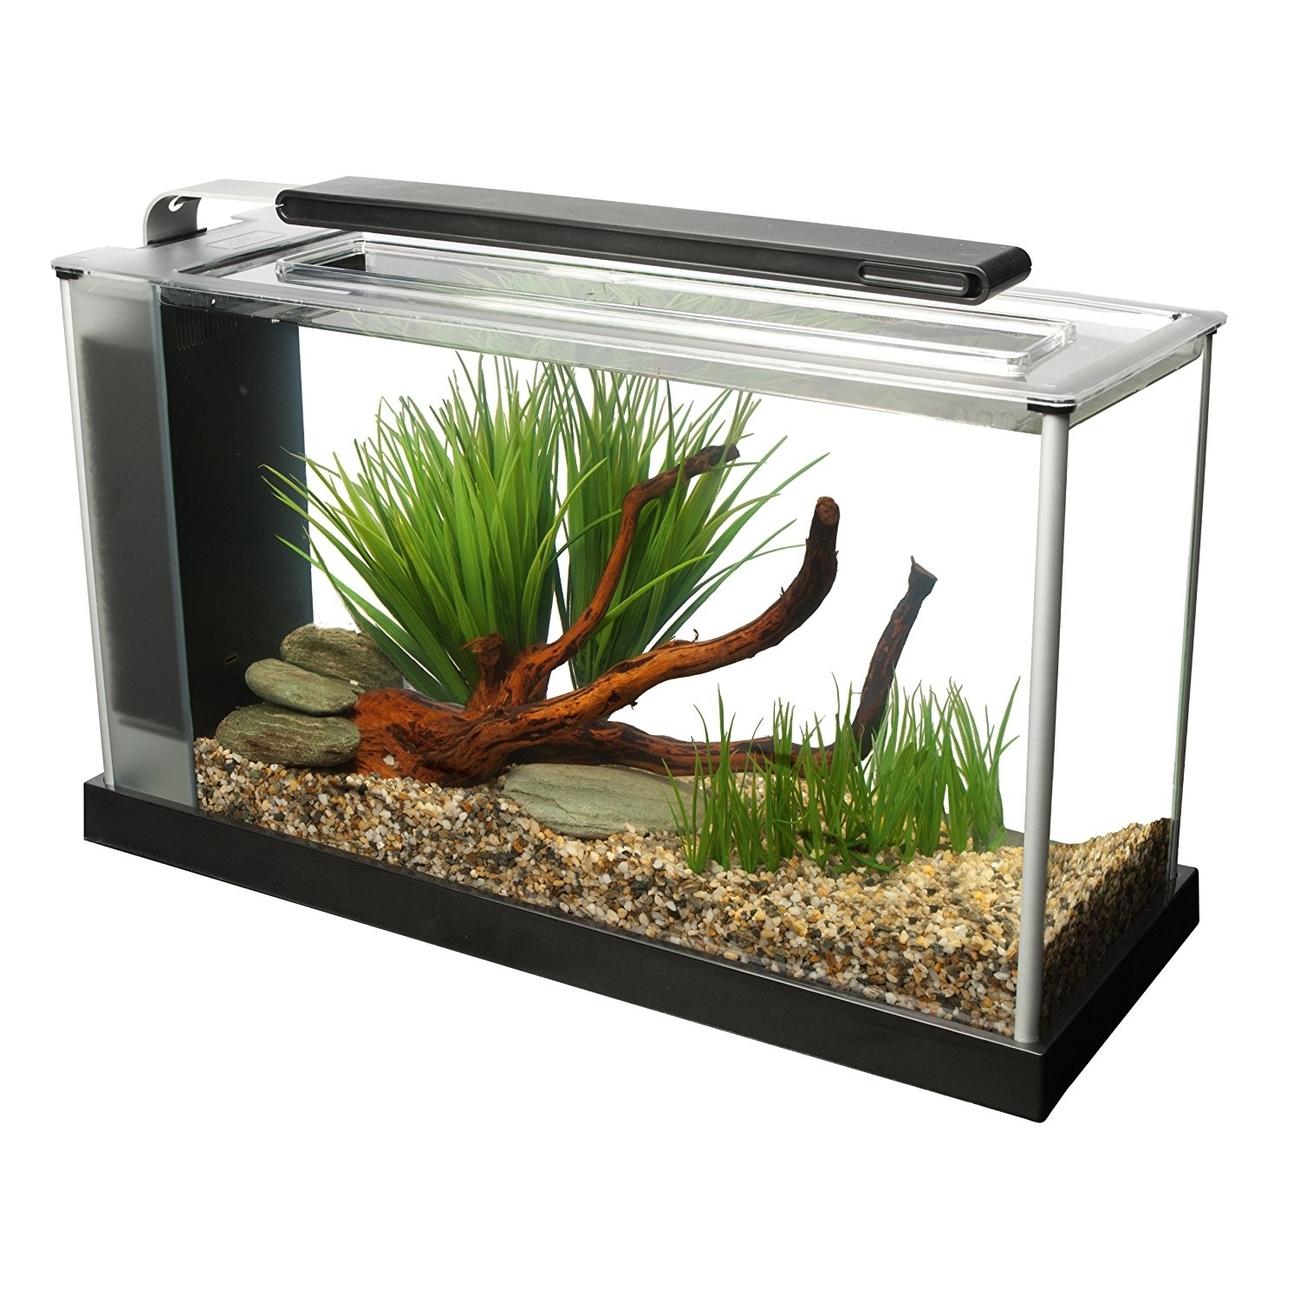 Fluval SPEC Süßwasser Aquarium Set, Bild 11